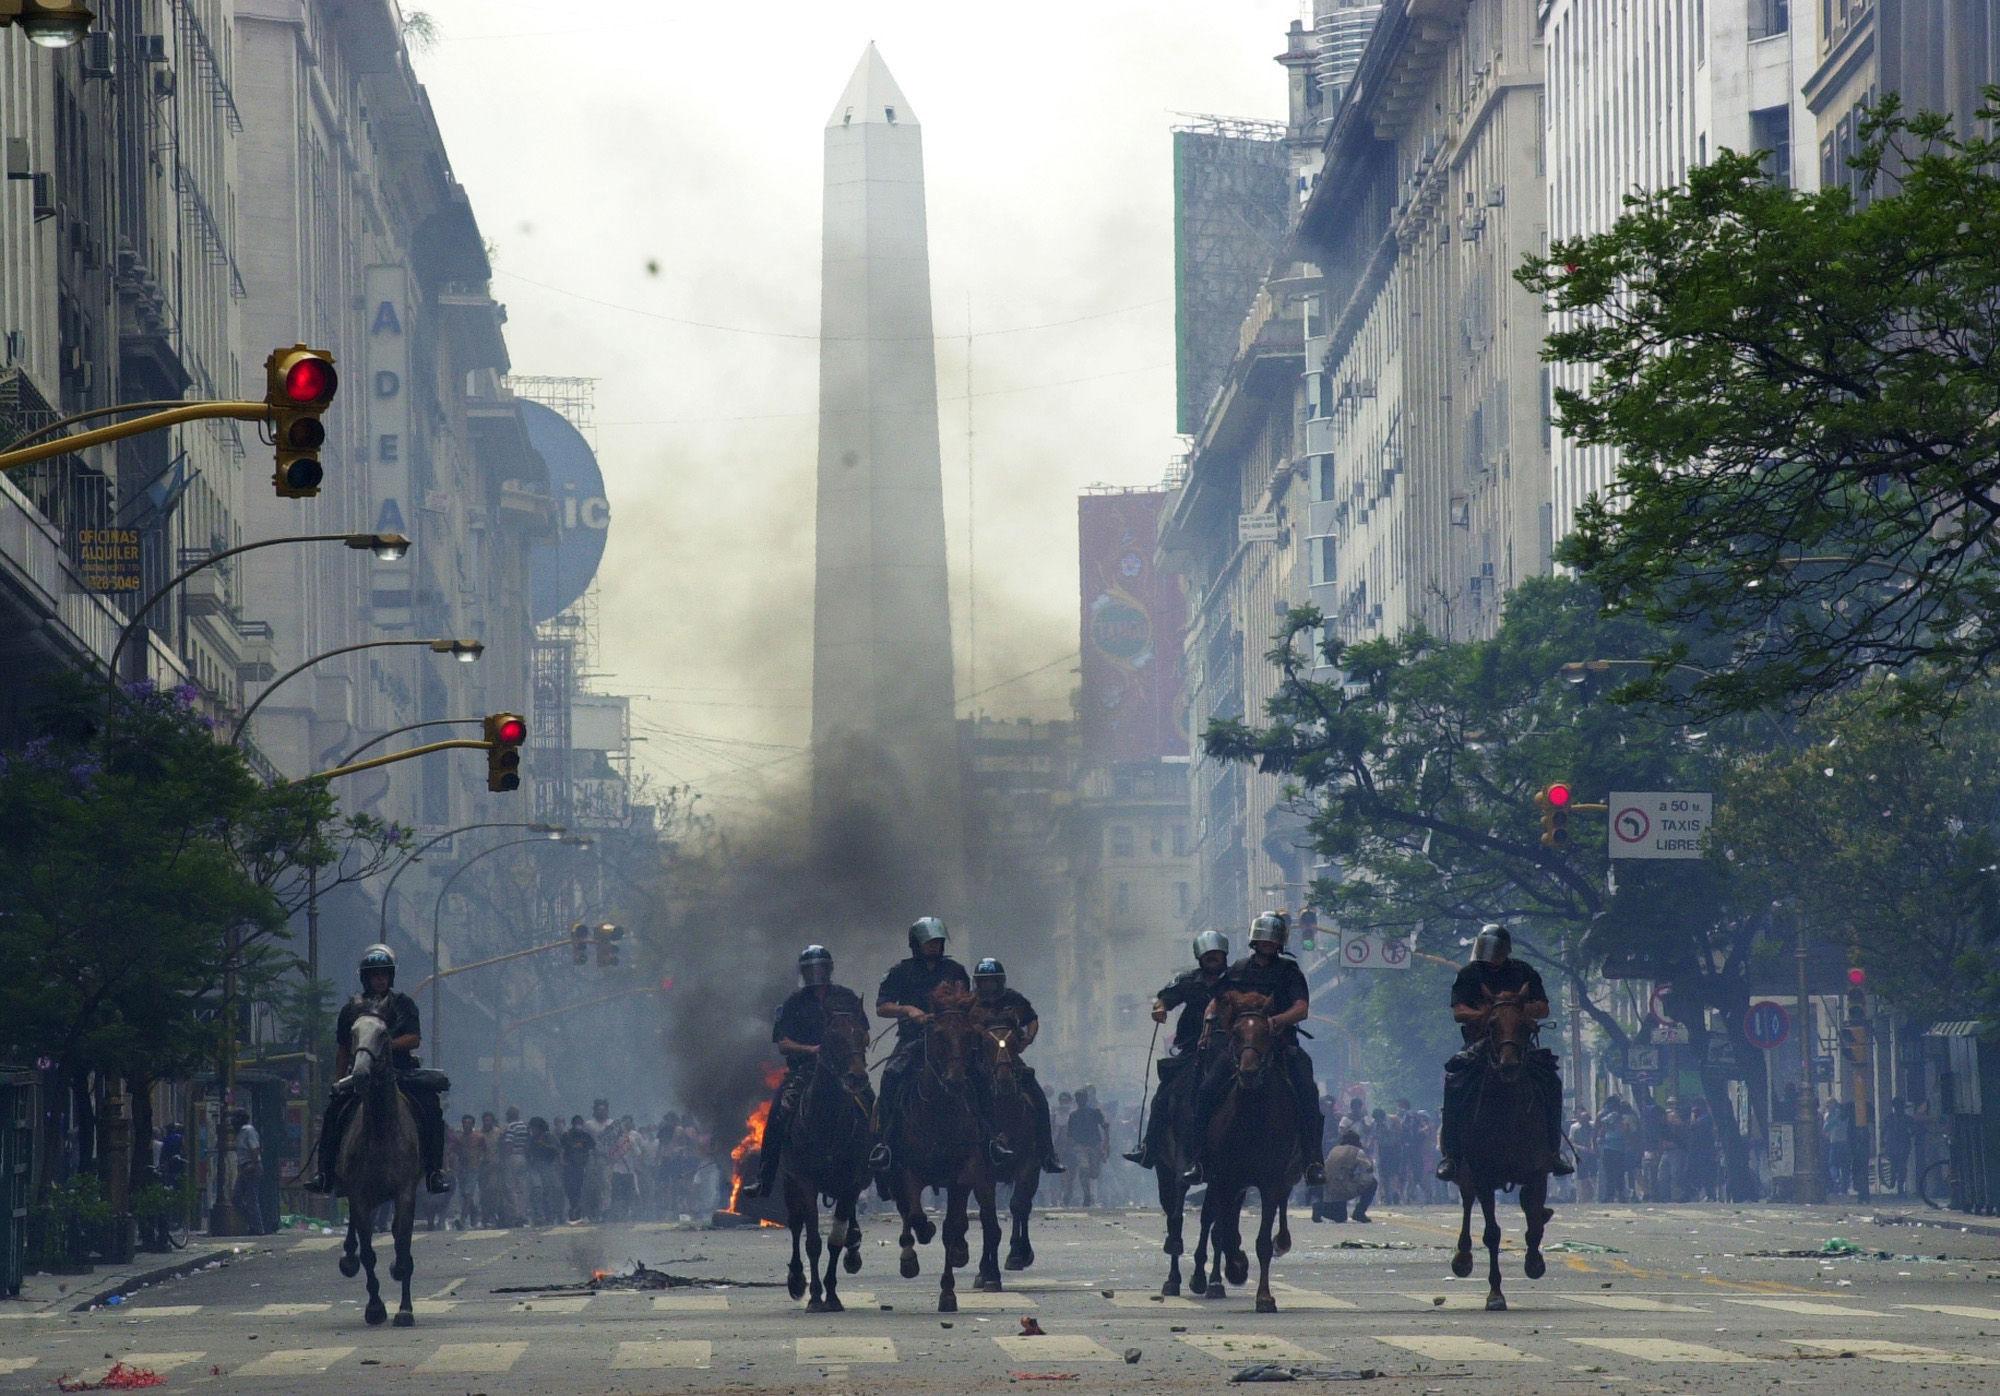 ¿Cuándo se produjo una crisis financiera y política muy importante que afectó la economía de la mayor parte de los argentinos?